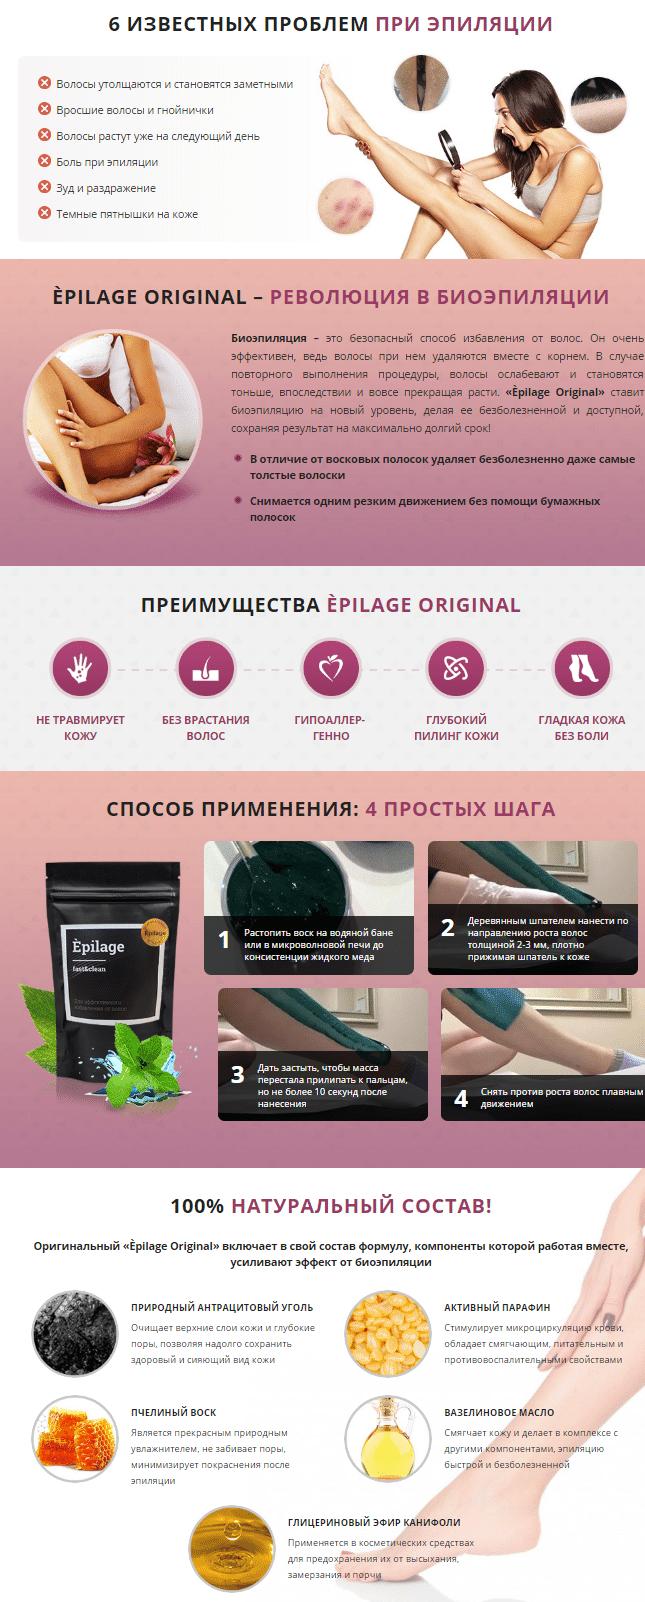 Epilage original - средство для биоэпиляции купить